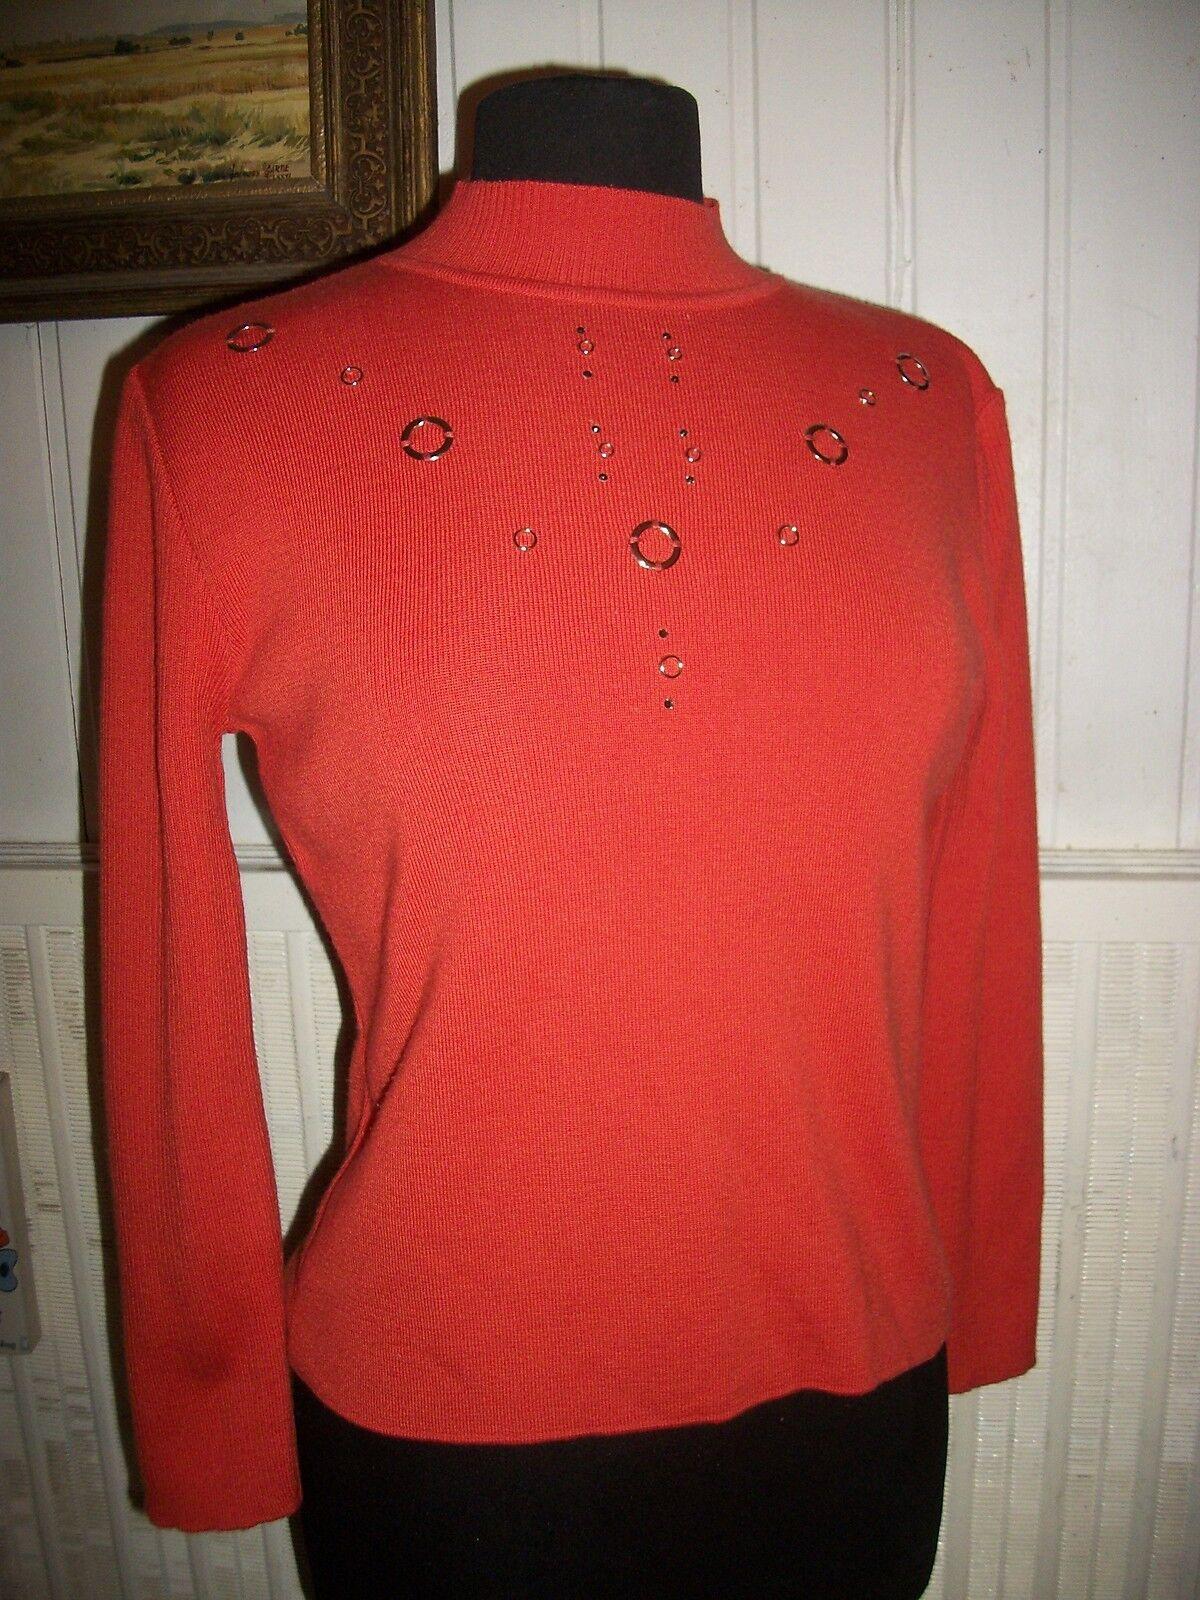 Pull acrylique  laine mérinos orange UN JOUR AILLEURS T.2 40 42 strass anneaux